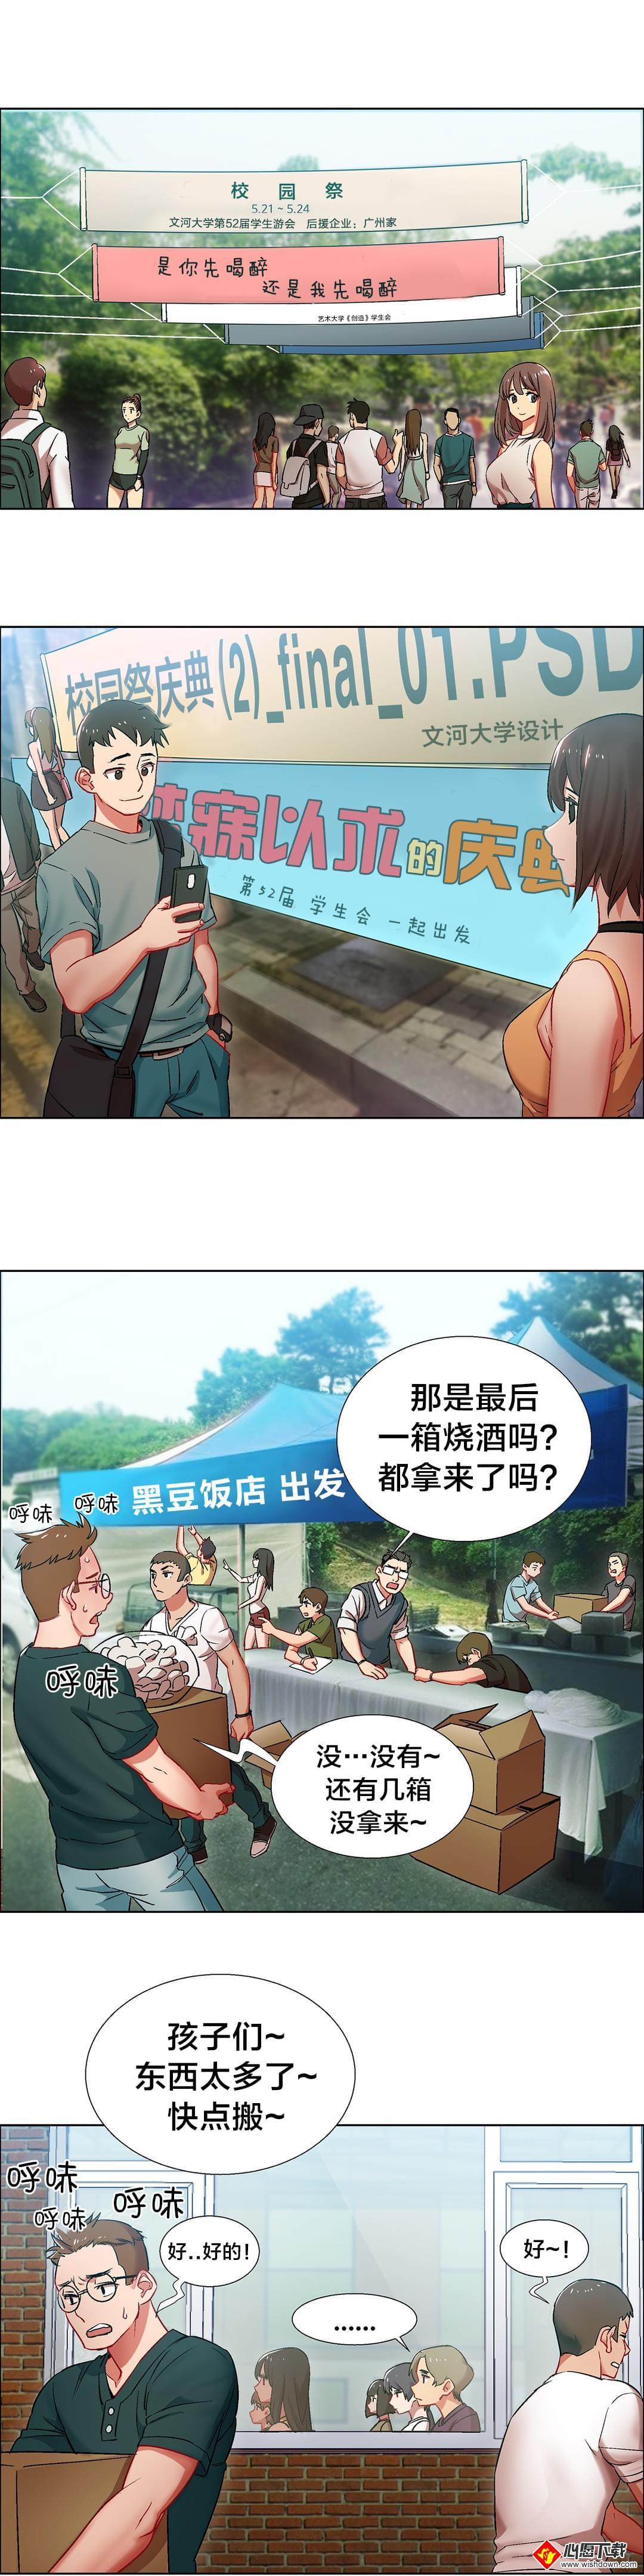 漫画《香艳小店》无修改无删减完结版(第15话)_wishdown.com